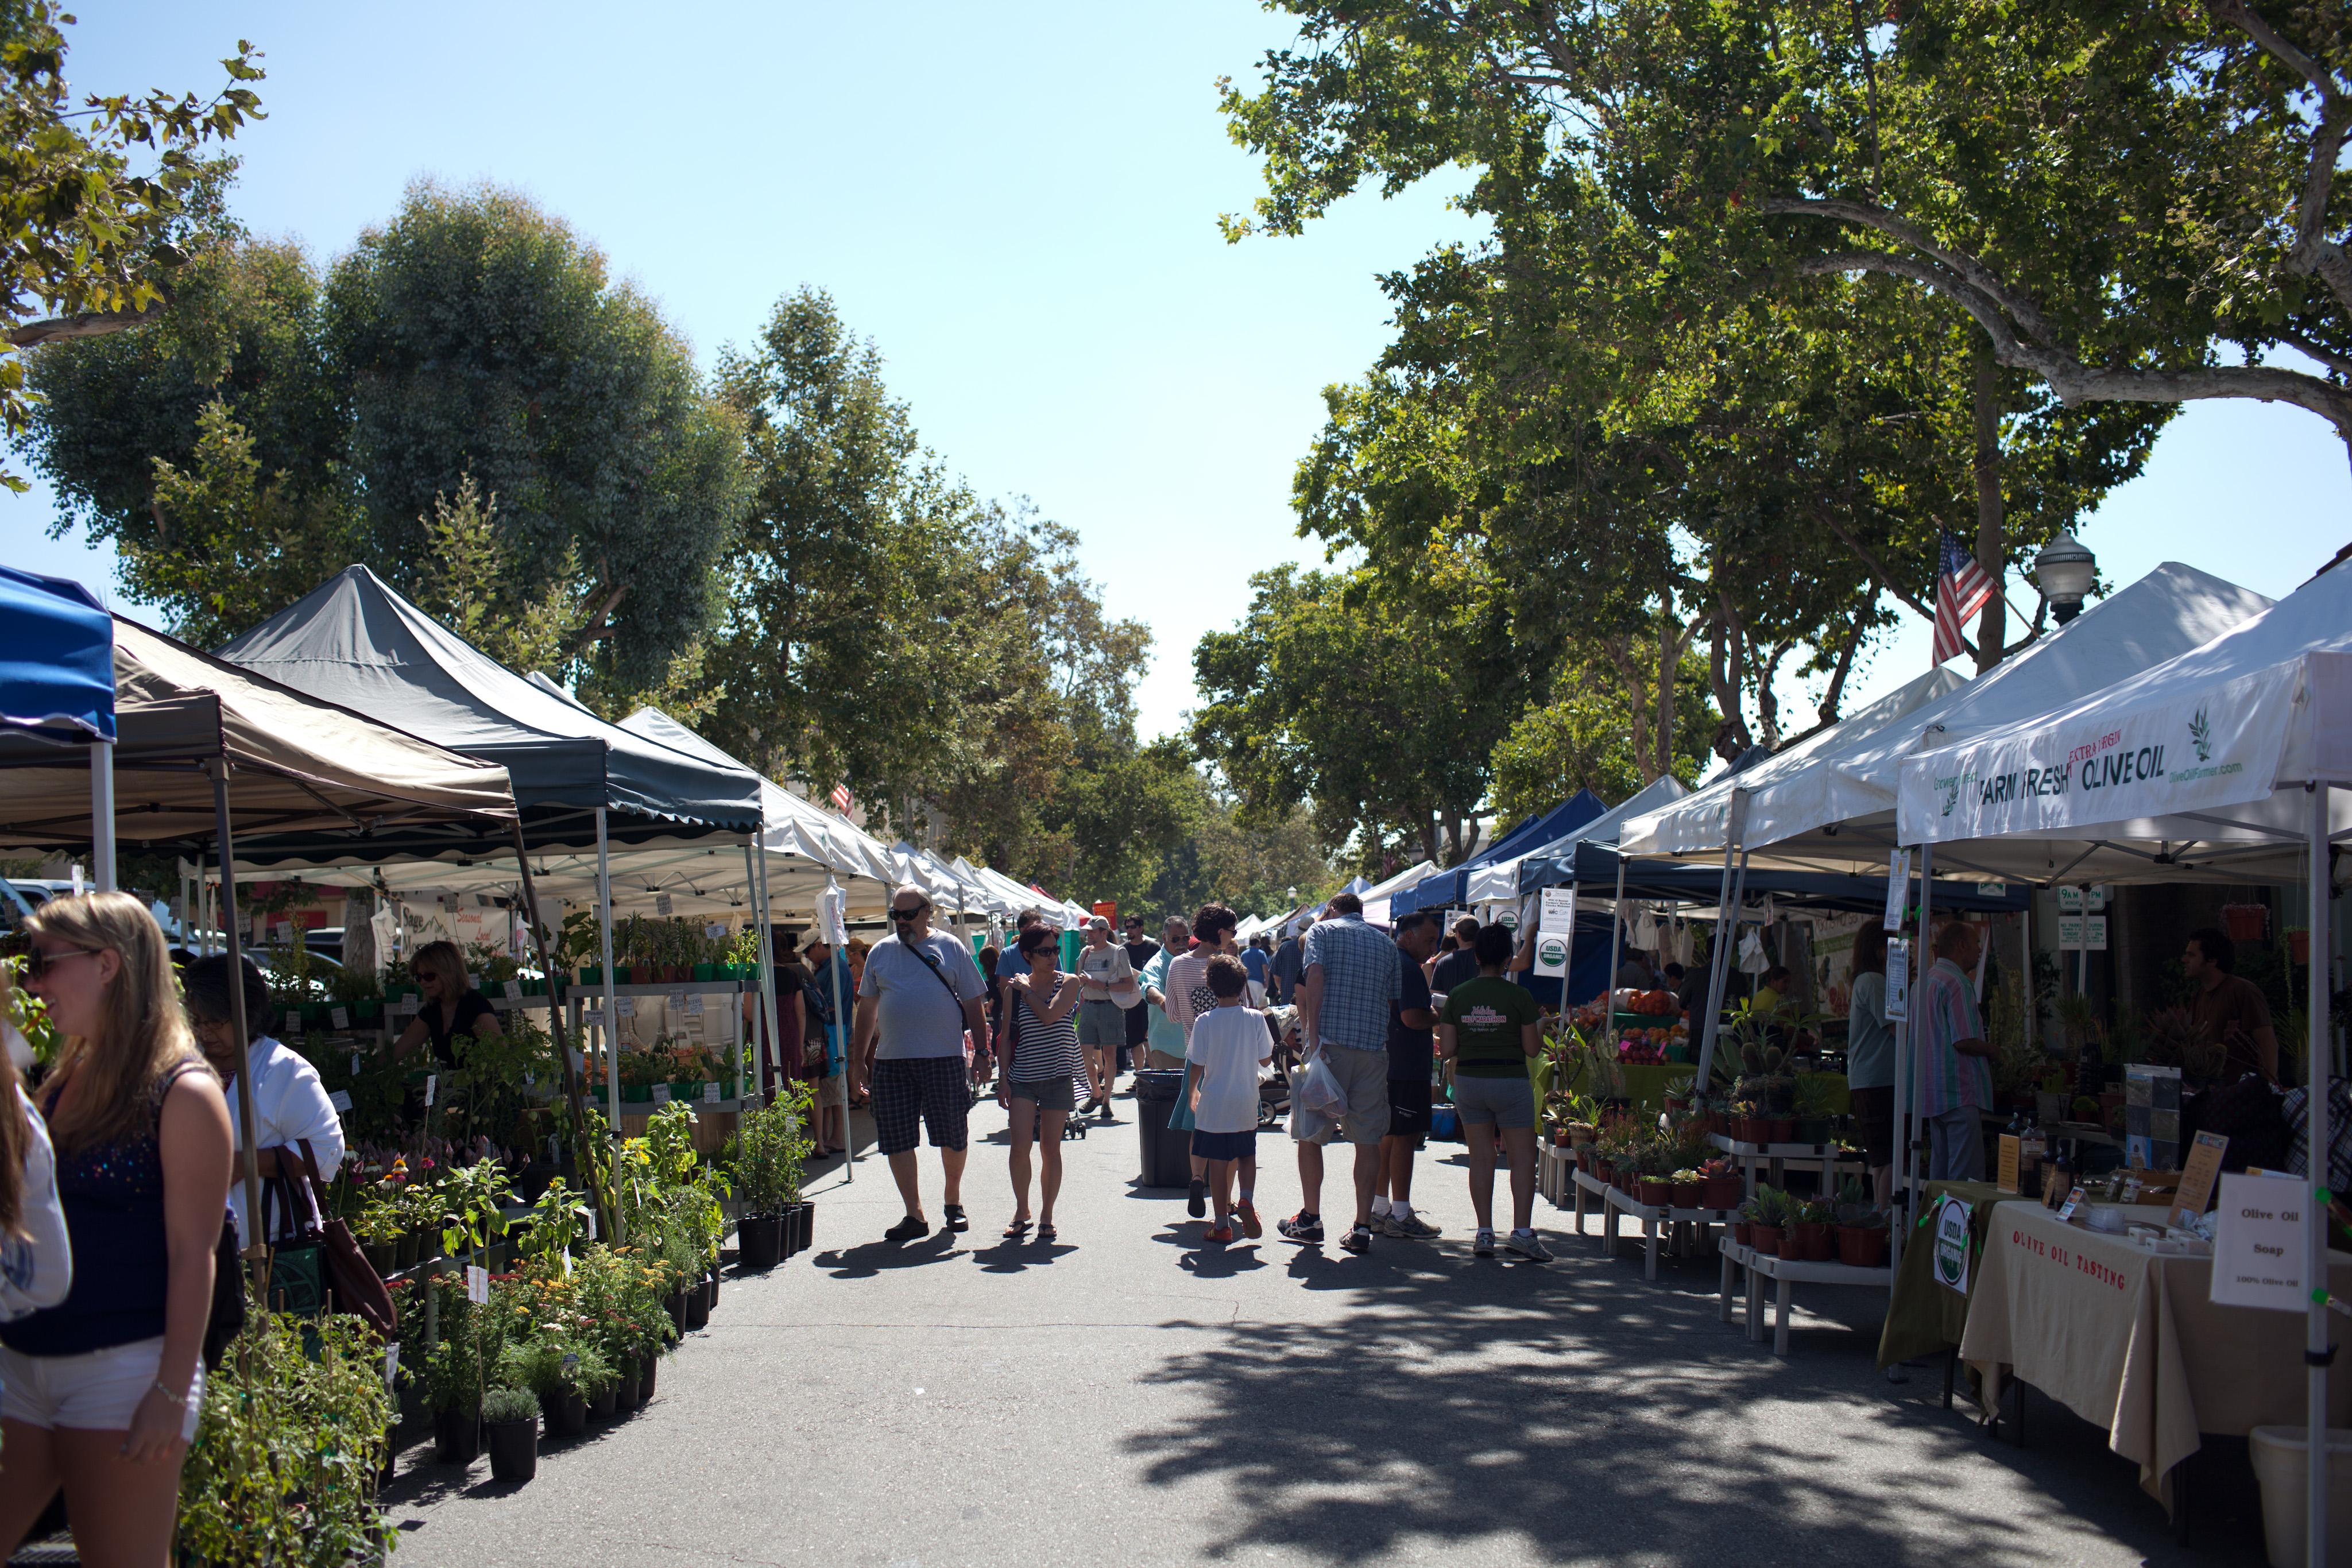 Village Venture event in Claremont CA